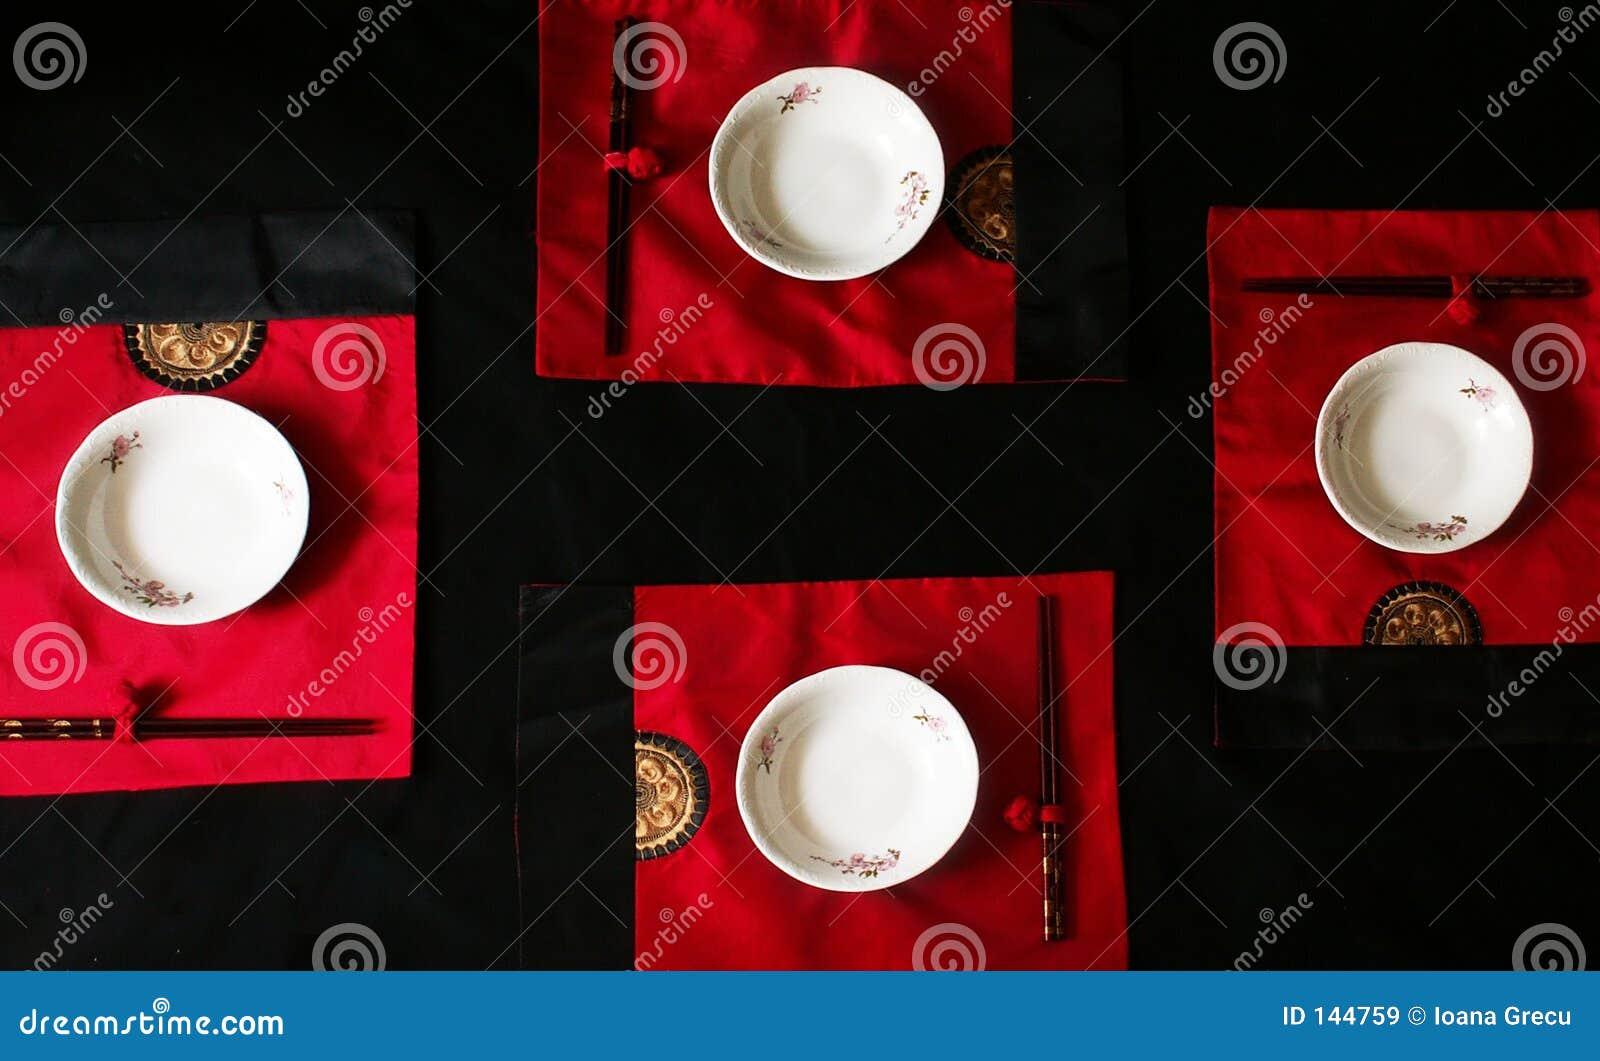 Asianrestaurant